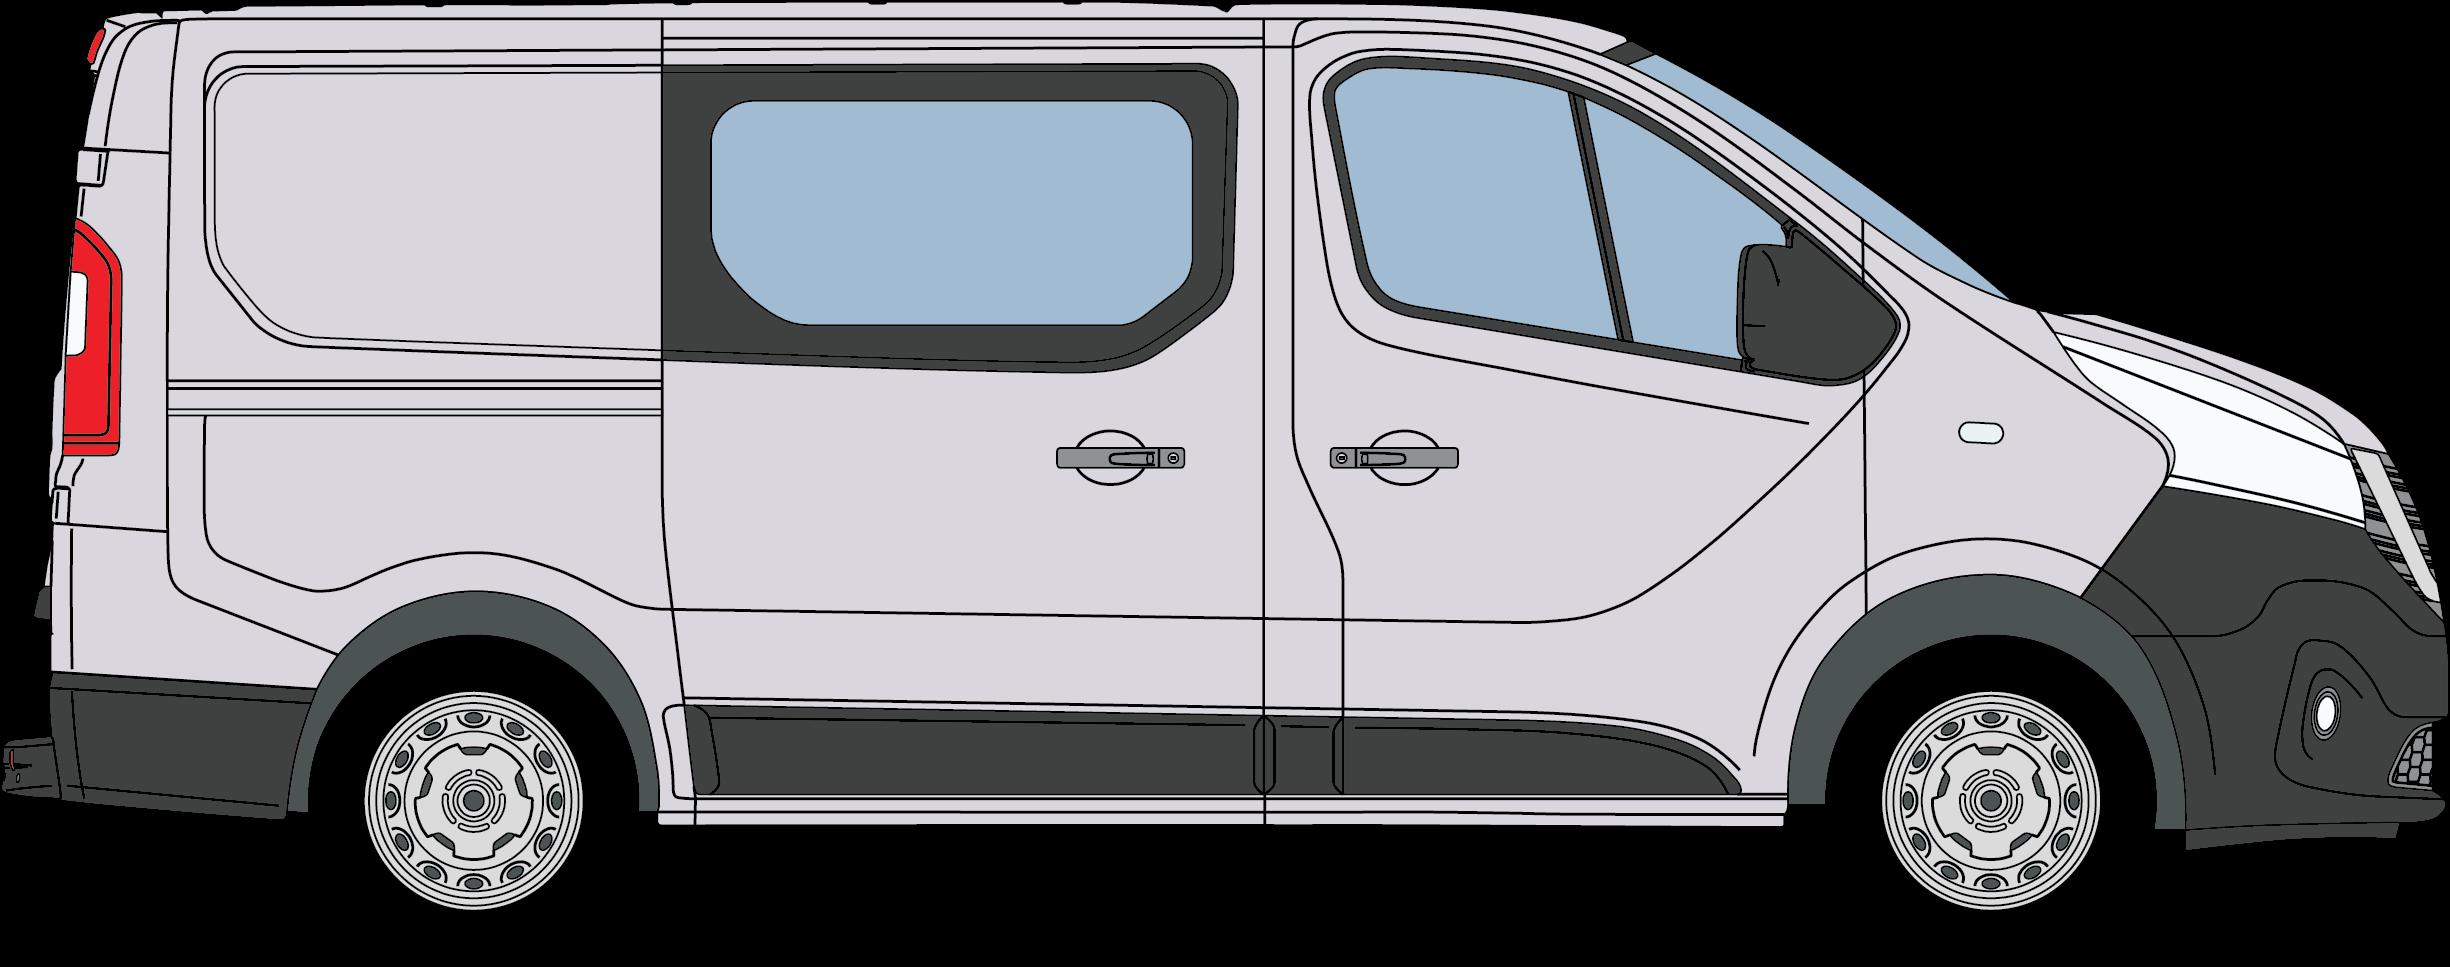 Nissan Nv300 Crew Van